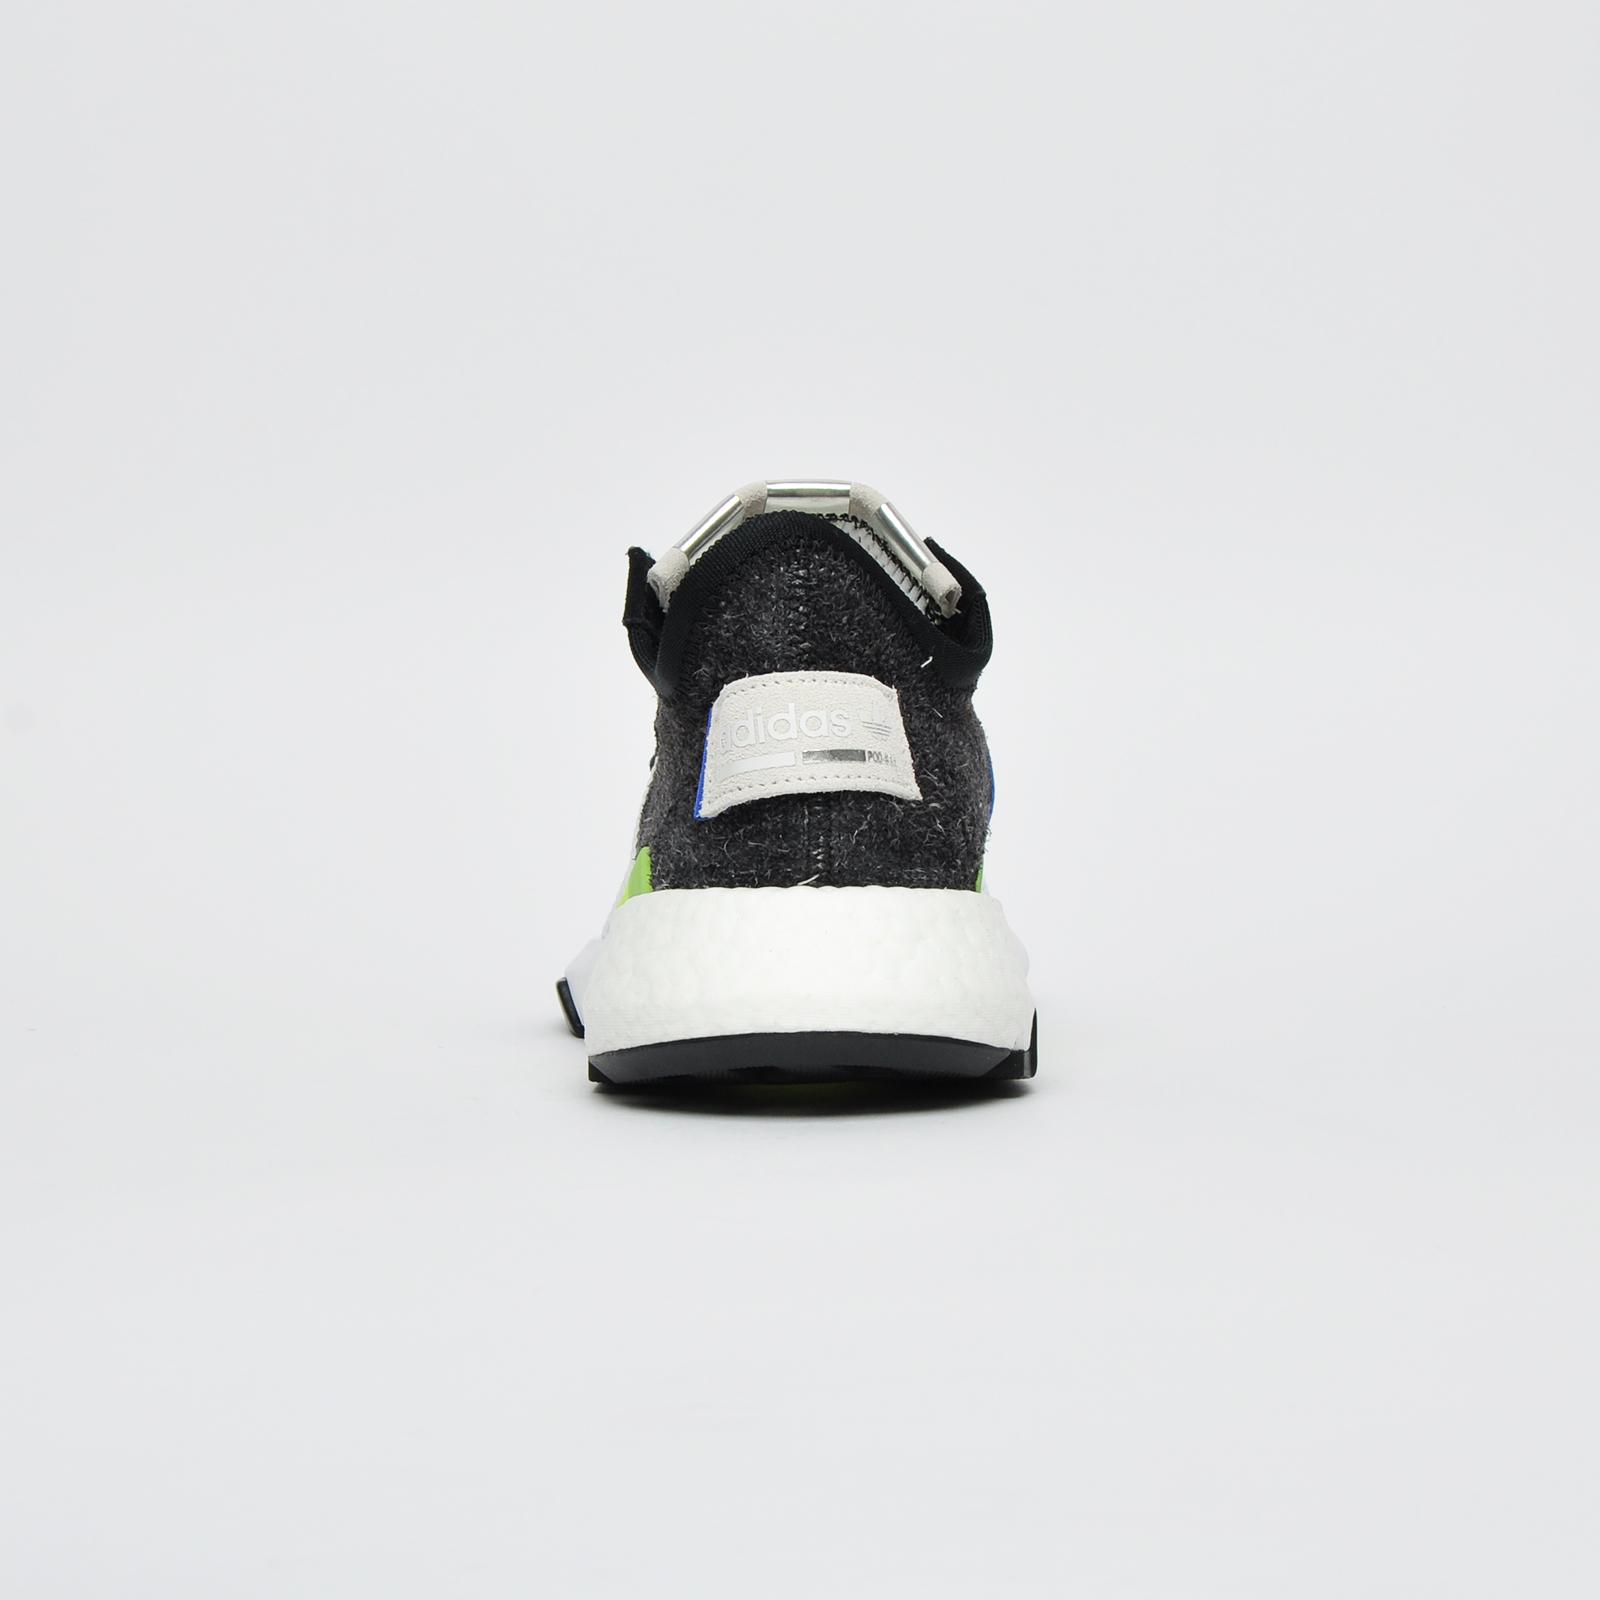 Detalles de Adidas Originals Pod S3.1 Impulsar Hombre Exclusivo Retro Correr en Forma